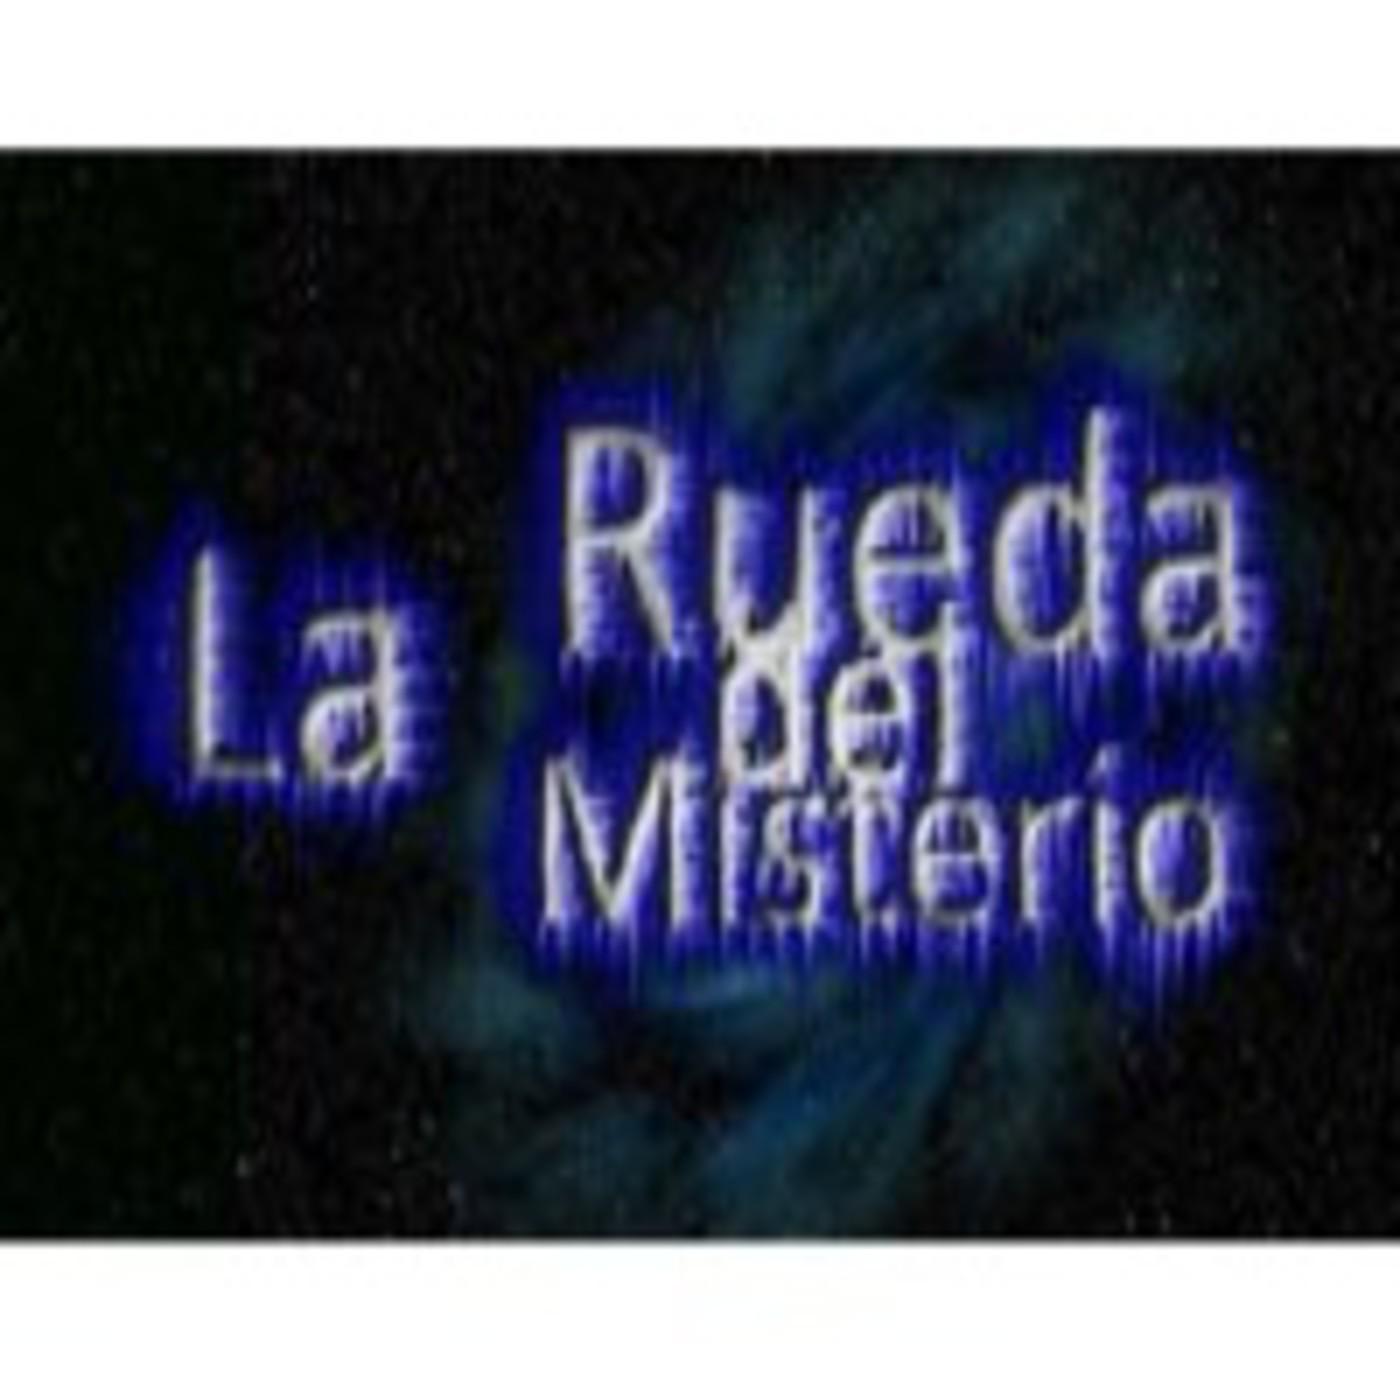 <![CDATA[Podcast La Rueda del Misterio]]>